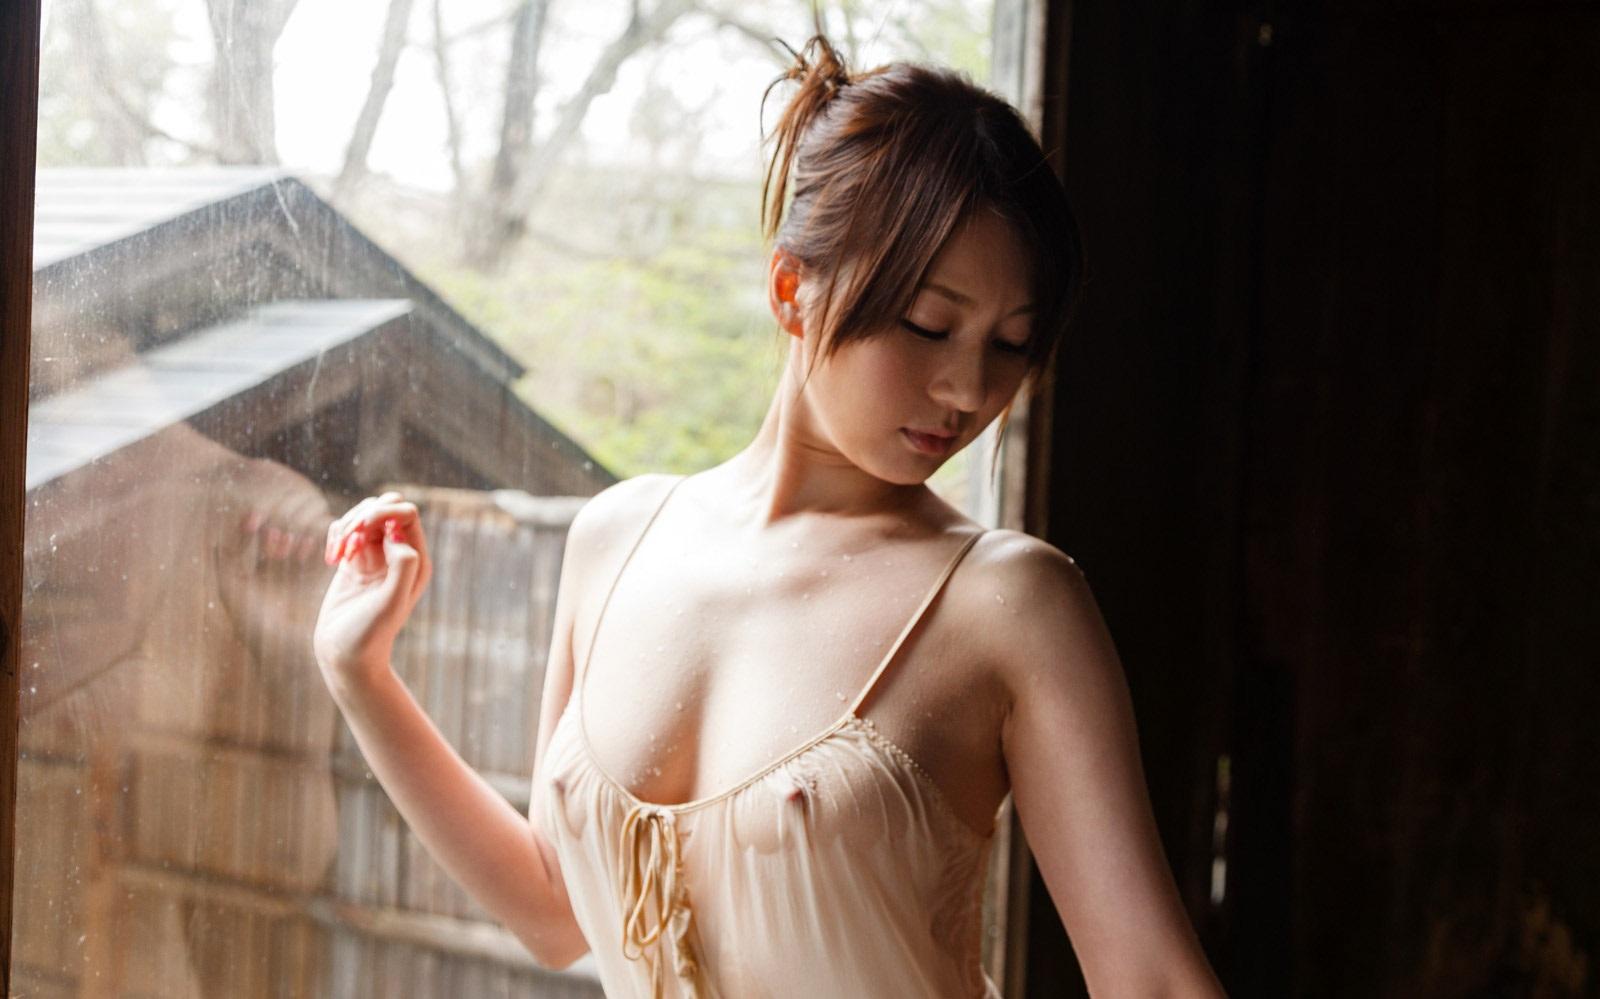 美女 着衣 濡れる 乳首 マン毛 透ける エロ画像【34】